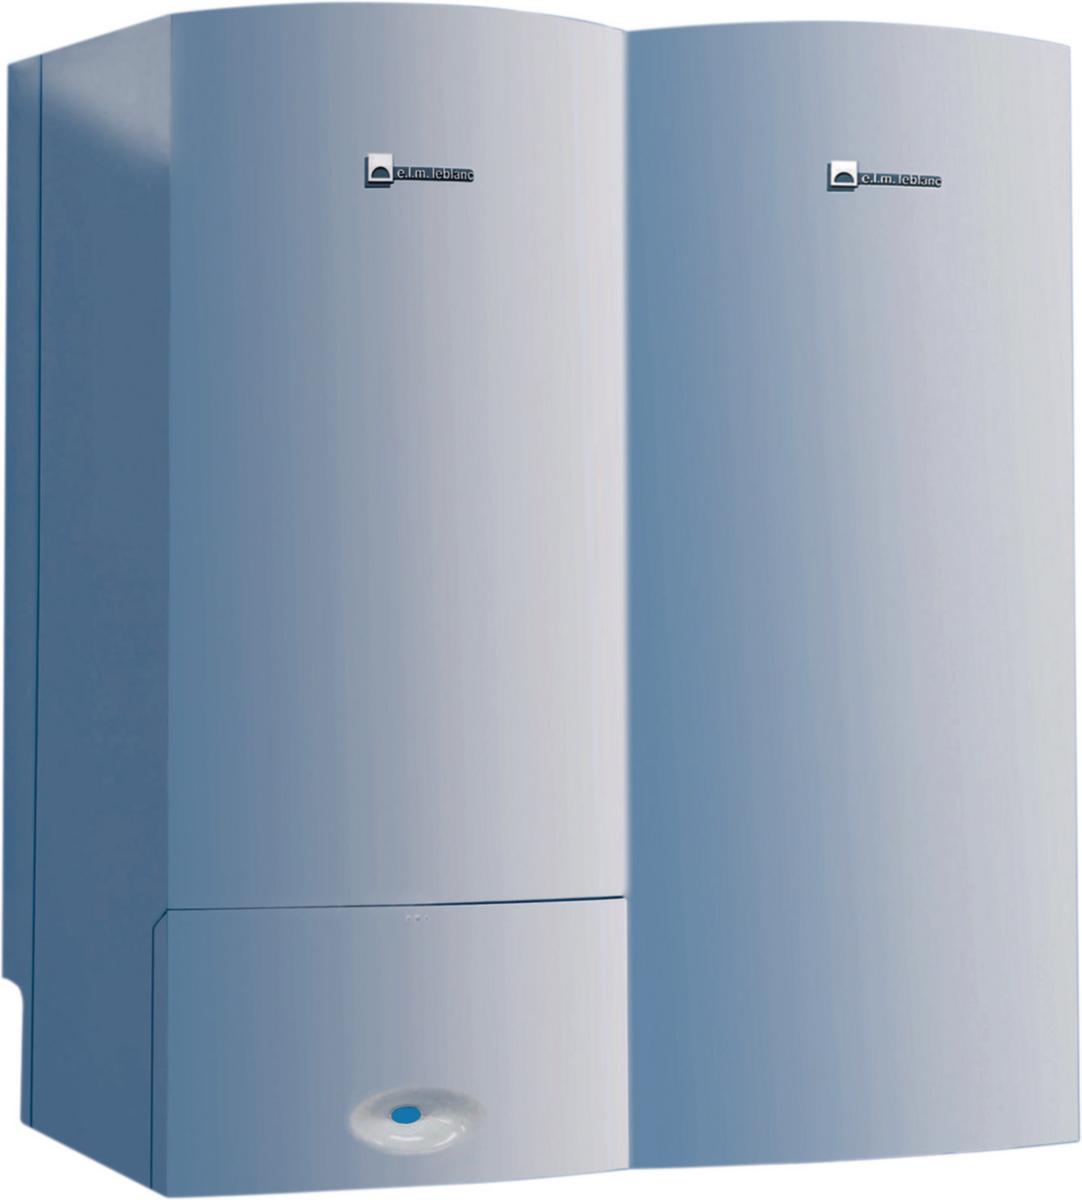 Chaudière basse température Egalis plus 24 kW cheminée avec ballon ECS 121 litres classe énergétique C/B